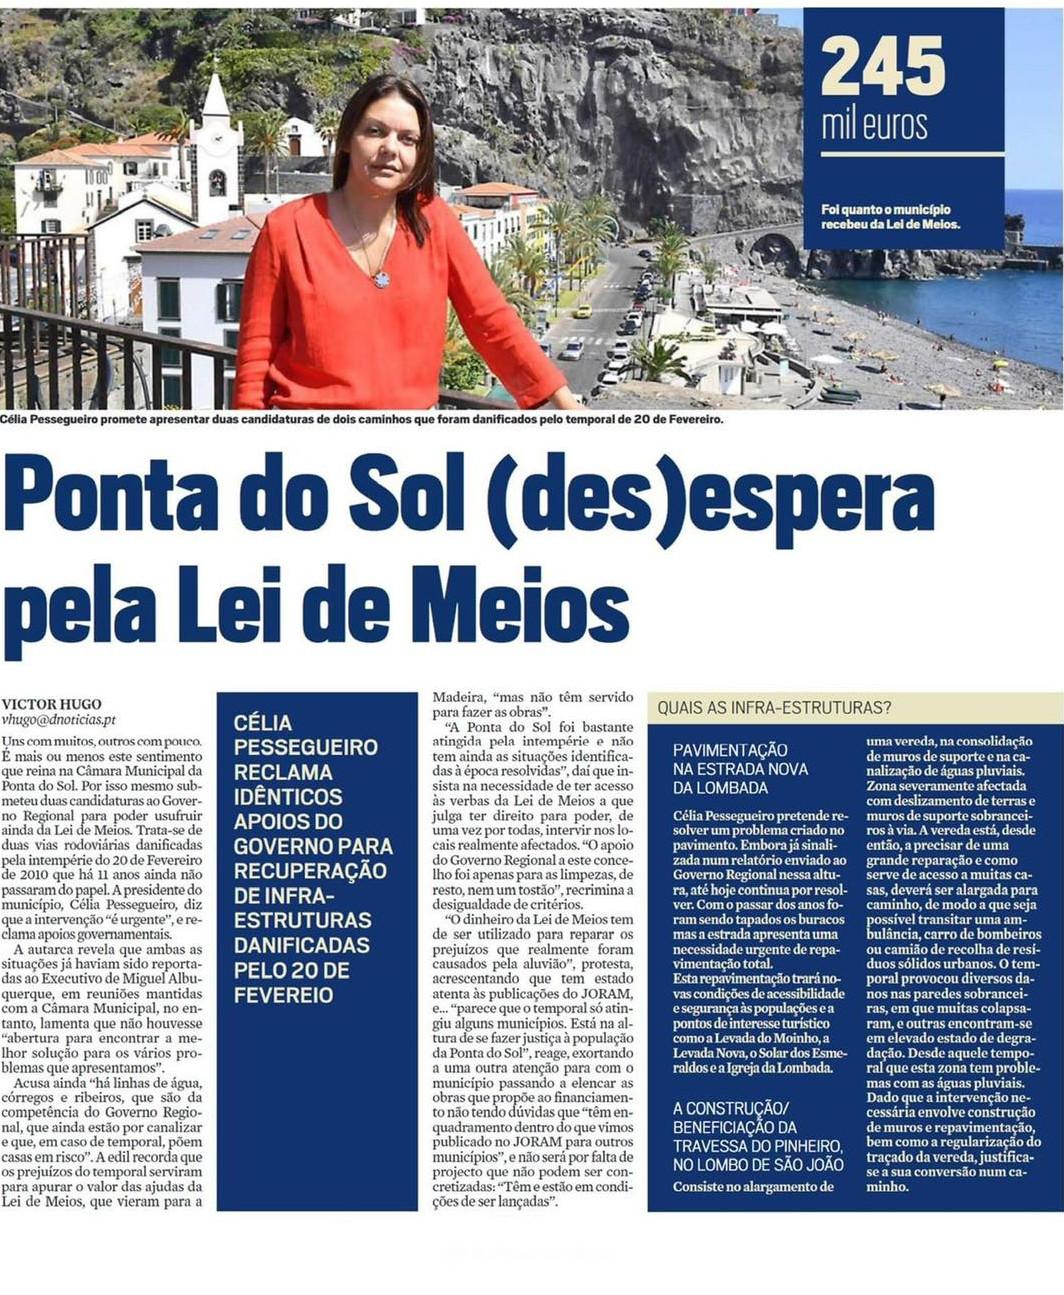 Lei de Meios tarda em chegar à Ponta do Sol